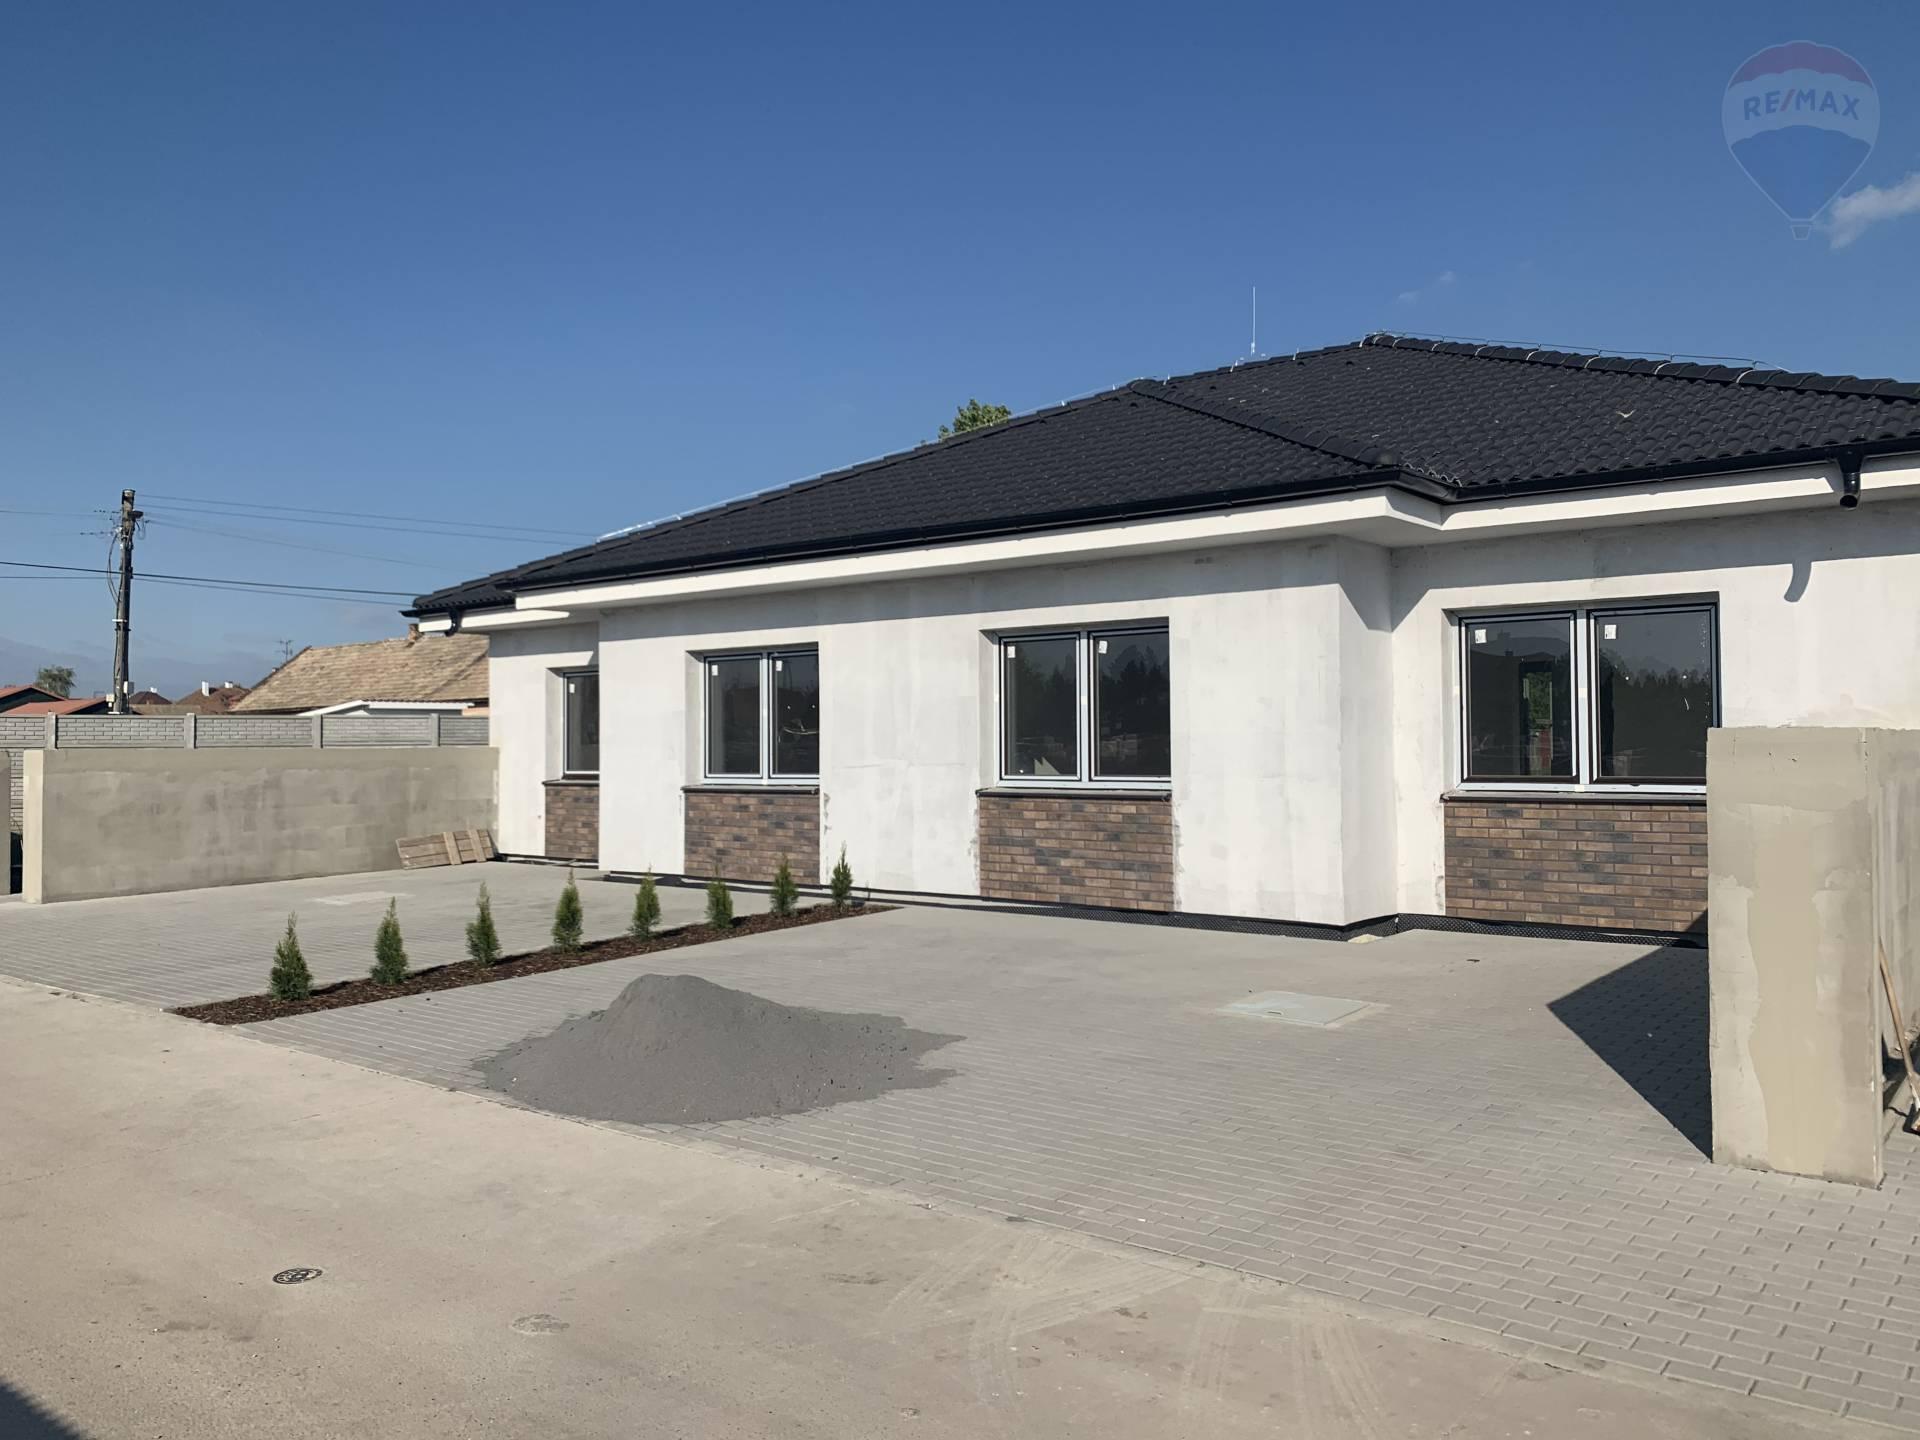 Predaj: 3 izbový rodinný dom, novostavba, len 1 km od Dunajskej Stredy, Vydrany